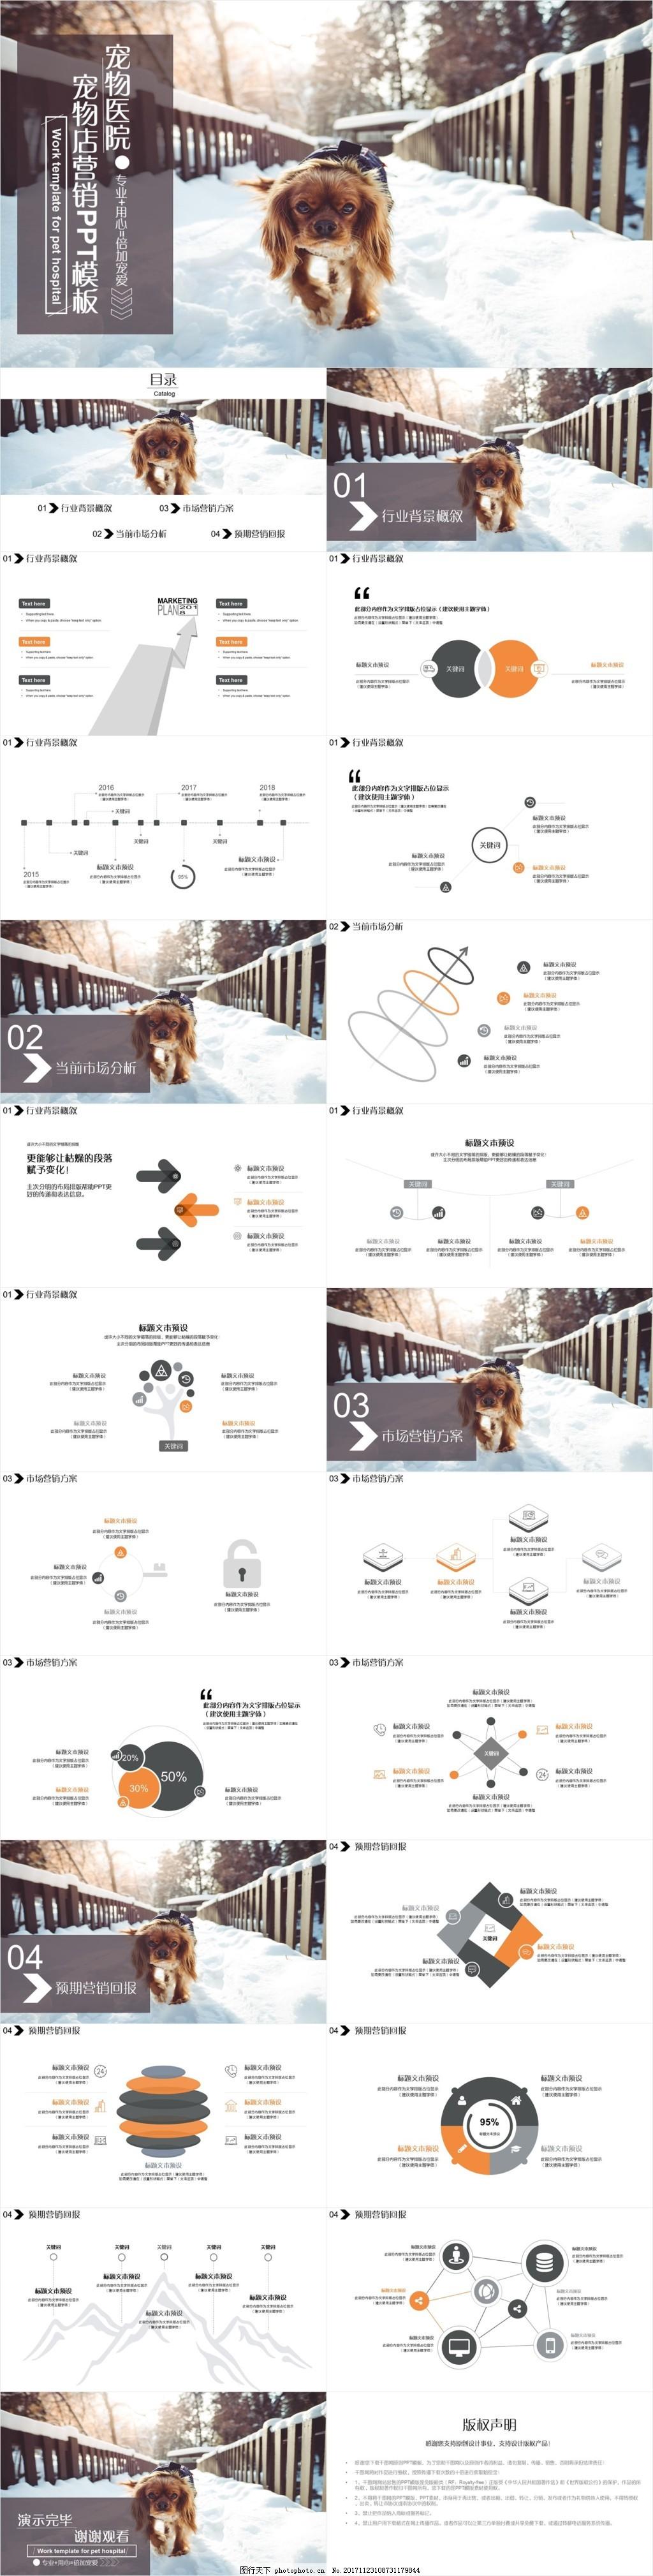 灰橙双色精致宠物店营销PPT模板,宠物狗,宠物寄养,宠物加盟,宠物美容,宠物饲养,宠物网店